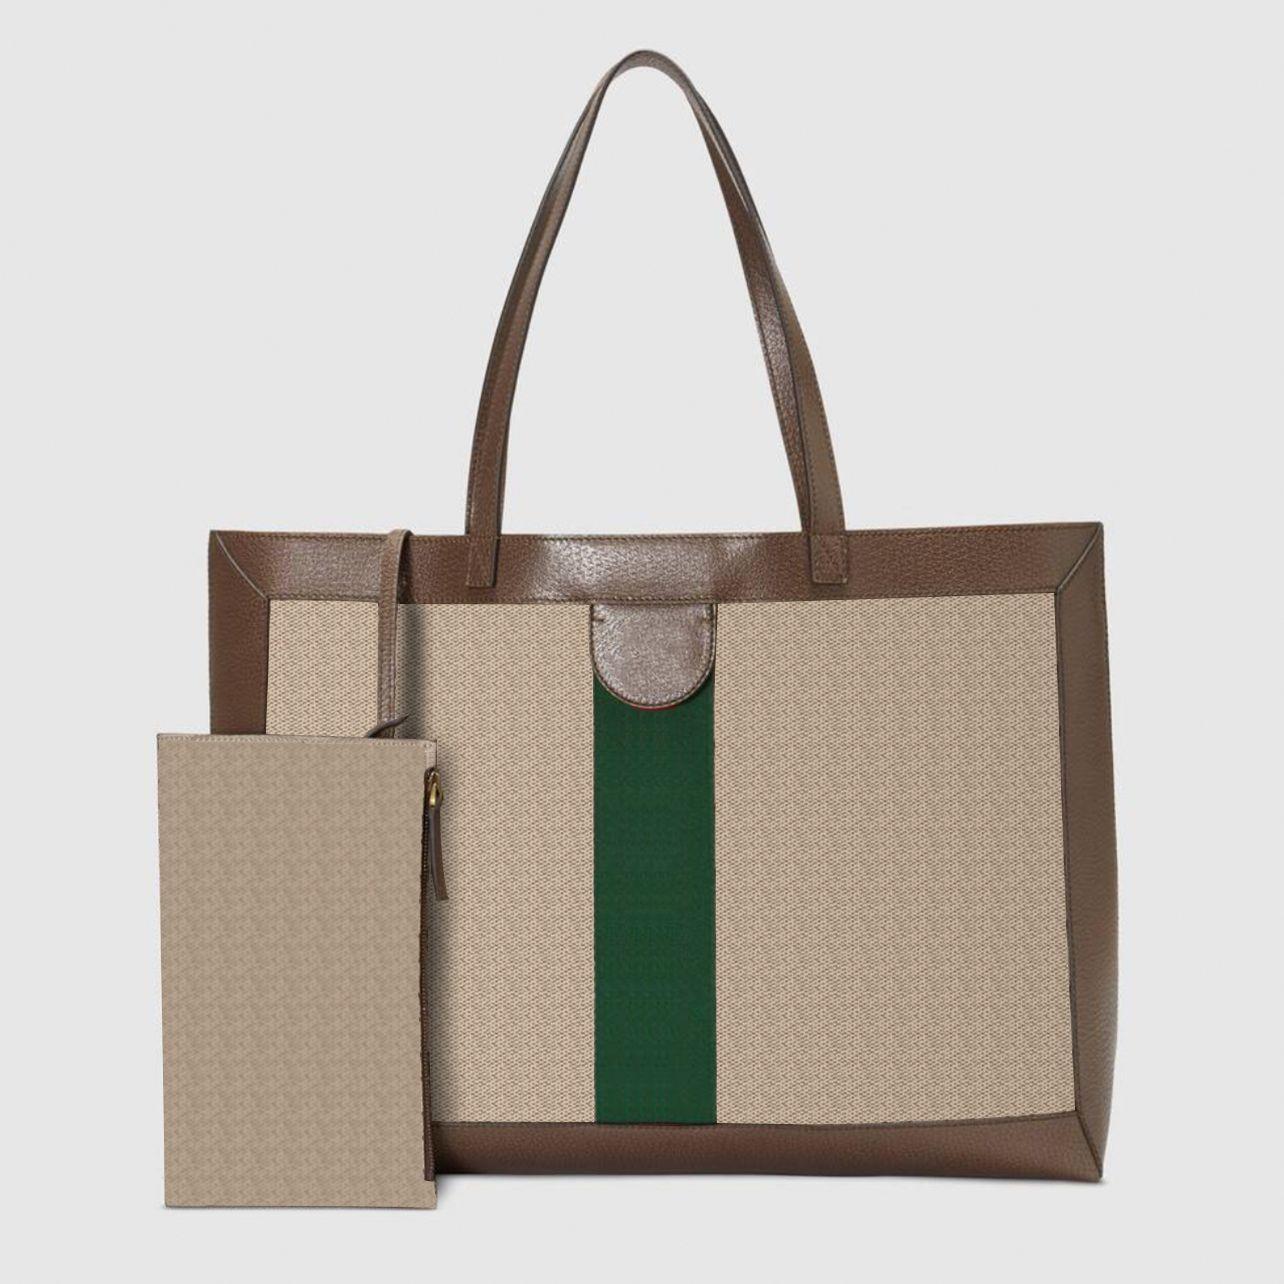 574796 سوبر سعة كبيرة ناعمة المرأة متوسطة اليد مع الحقيبة الإضافية الحقيبة الأخضر الأحمر على شبكة الإنترنت سيدة حقيبة يد